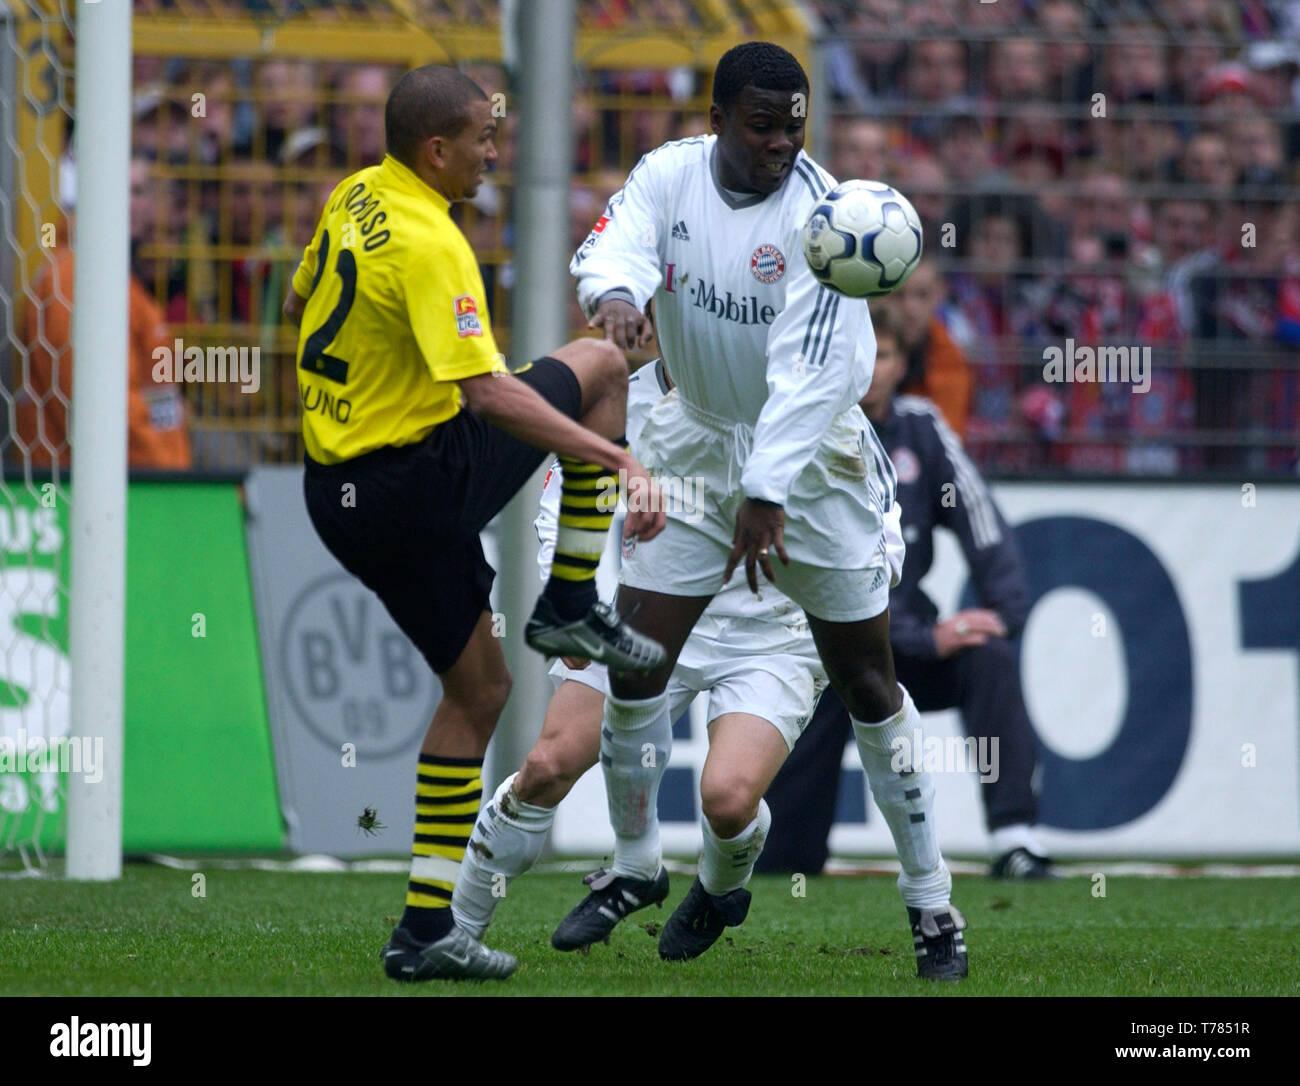 Westfalenstadion Dortmund Germany, 19.4.2003, German Football Bundesliga Season 2002/03, matchday 29, Borussia Dortmund (yellow) vs Bayern Munich (white) --- from left: Marcio Amoroso (BVB), Sammy Kuffour (FCB) - Stock Image